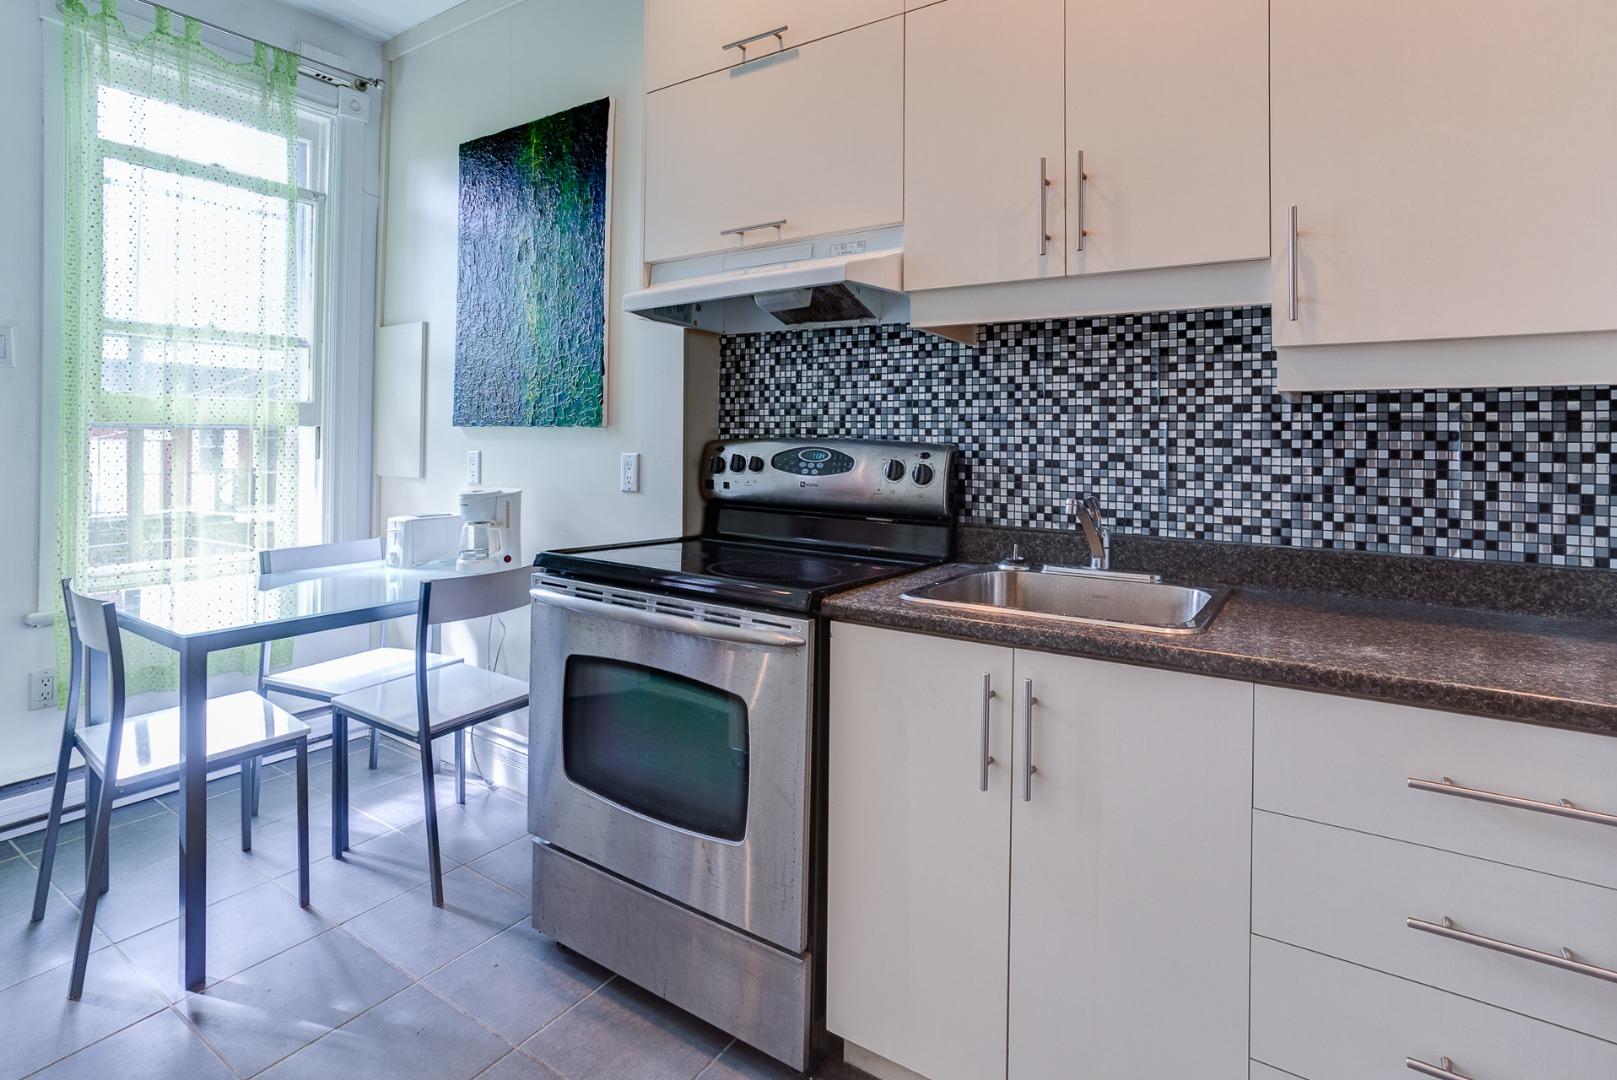 Condo à vendre Montréal Le Plateau Mont-Royal / Mile-end - Cuisine